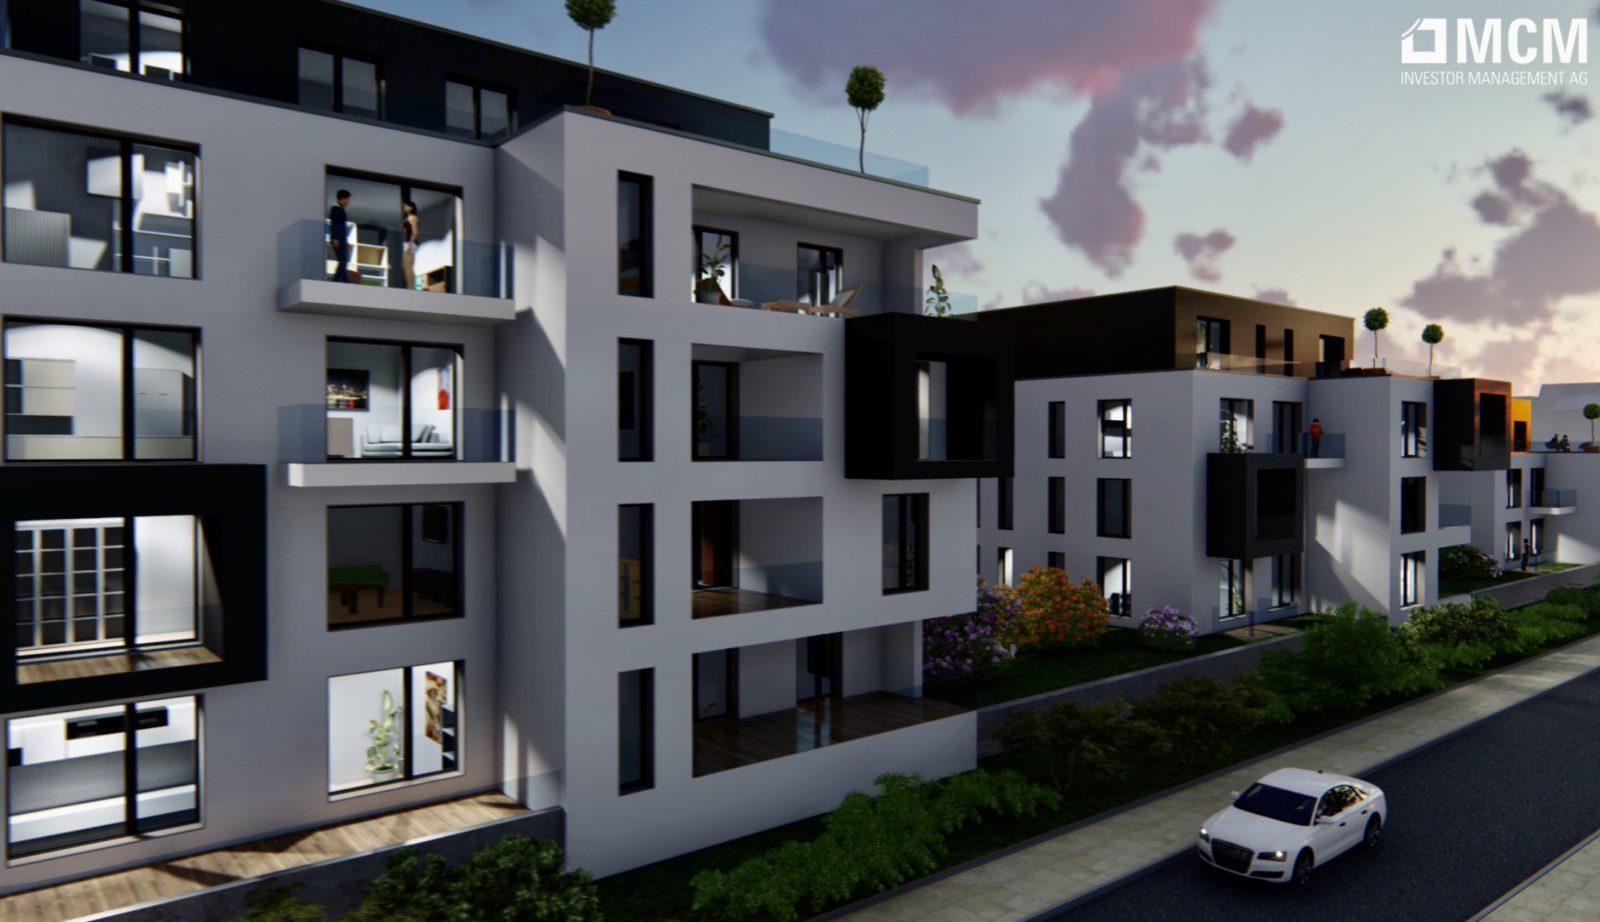 Quartier an der Elbe - Architekturvisualisierung  Aussen